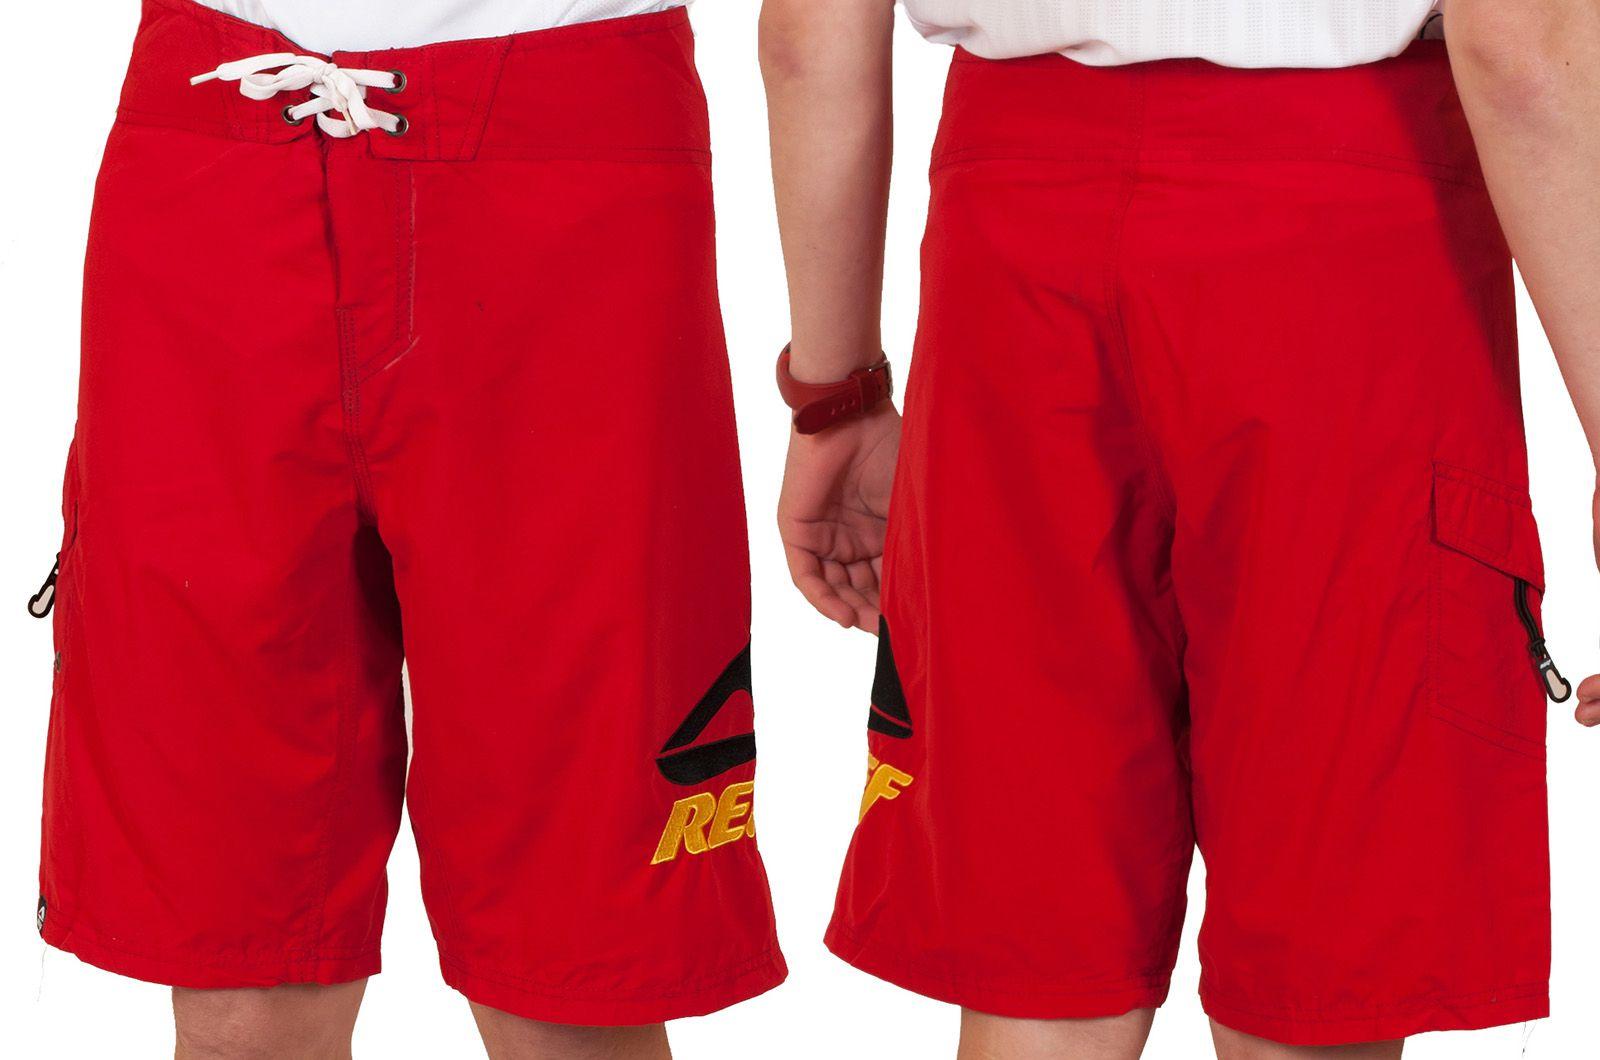 Стильные шорты Reef для подростков - общий вид